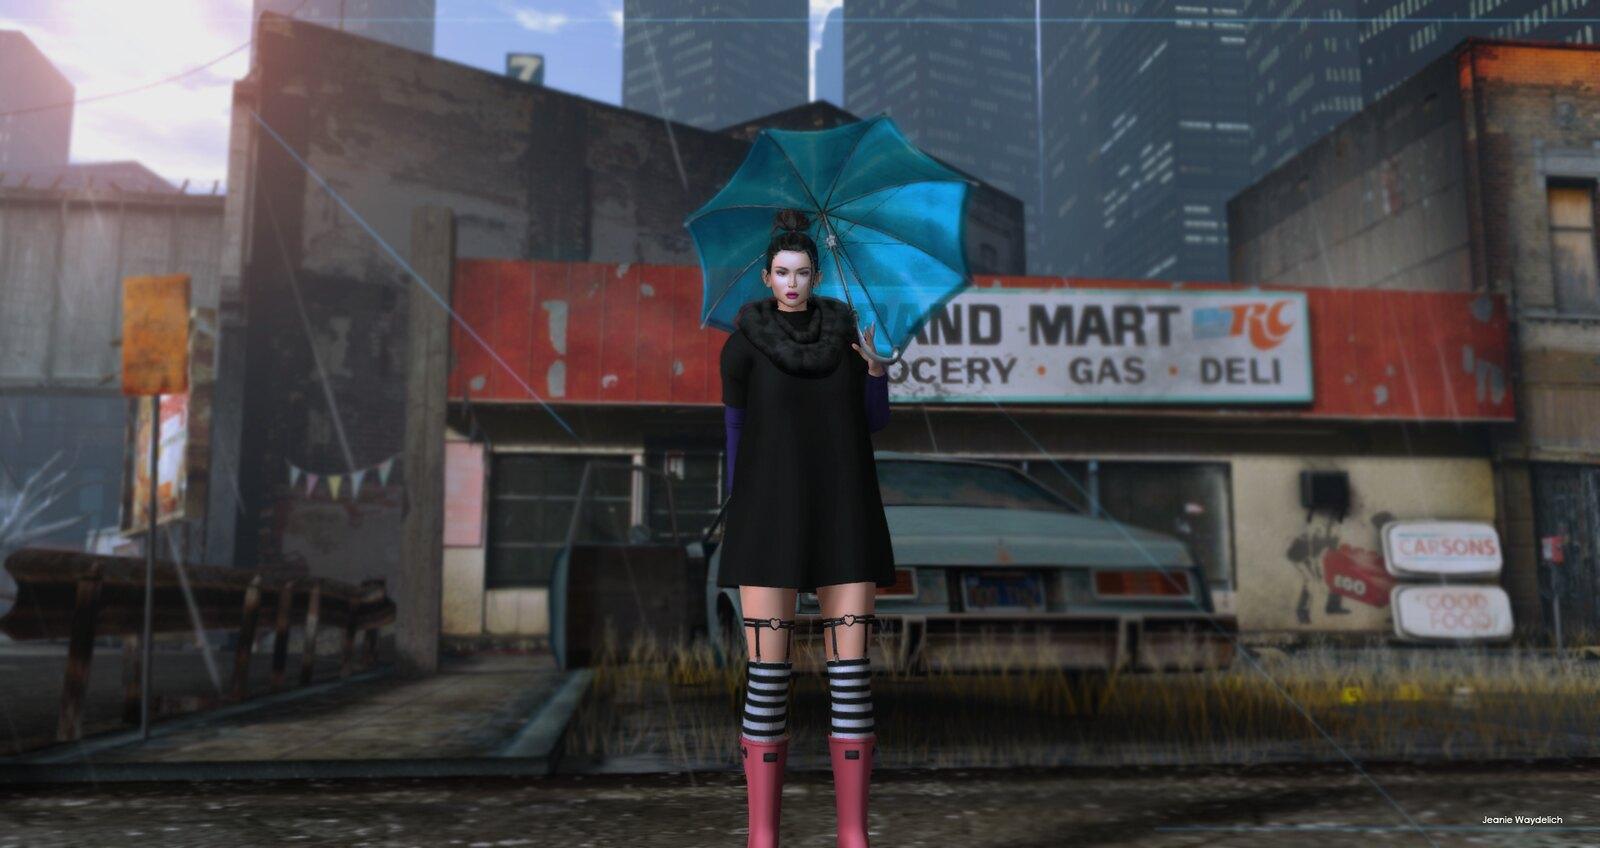 LOTD 899 - Rain